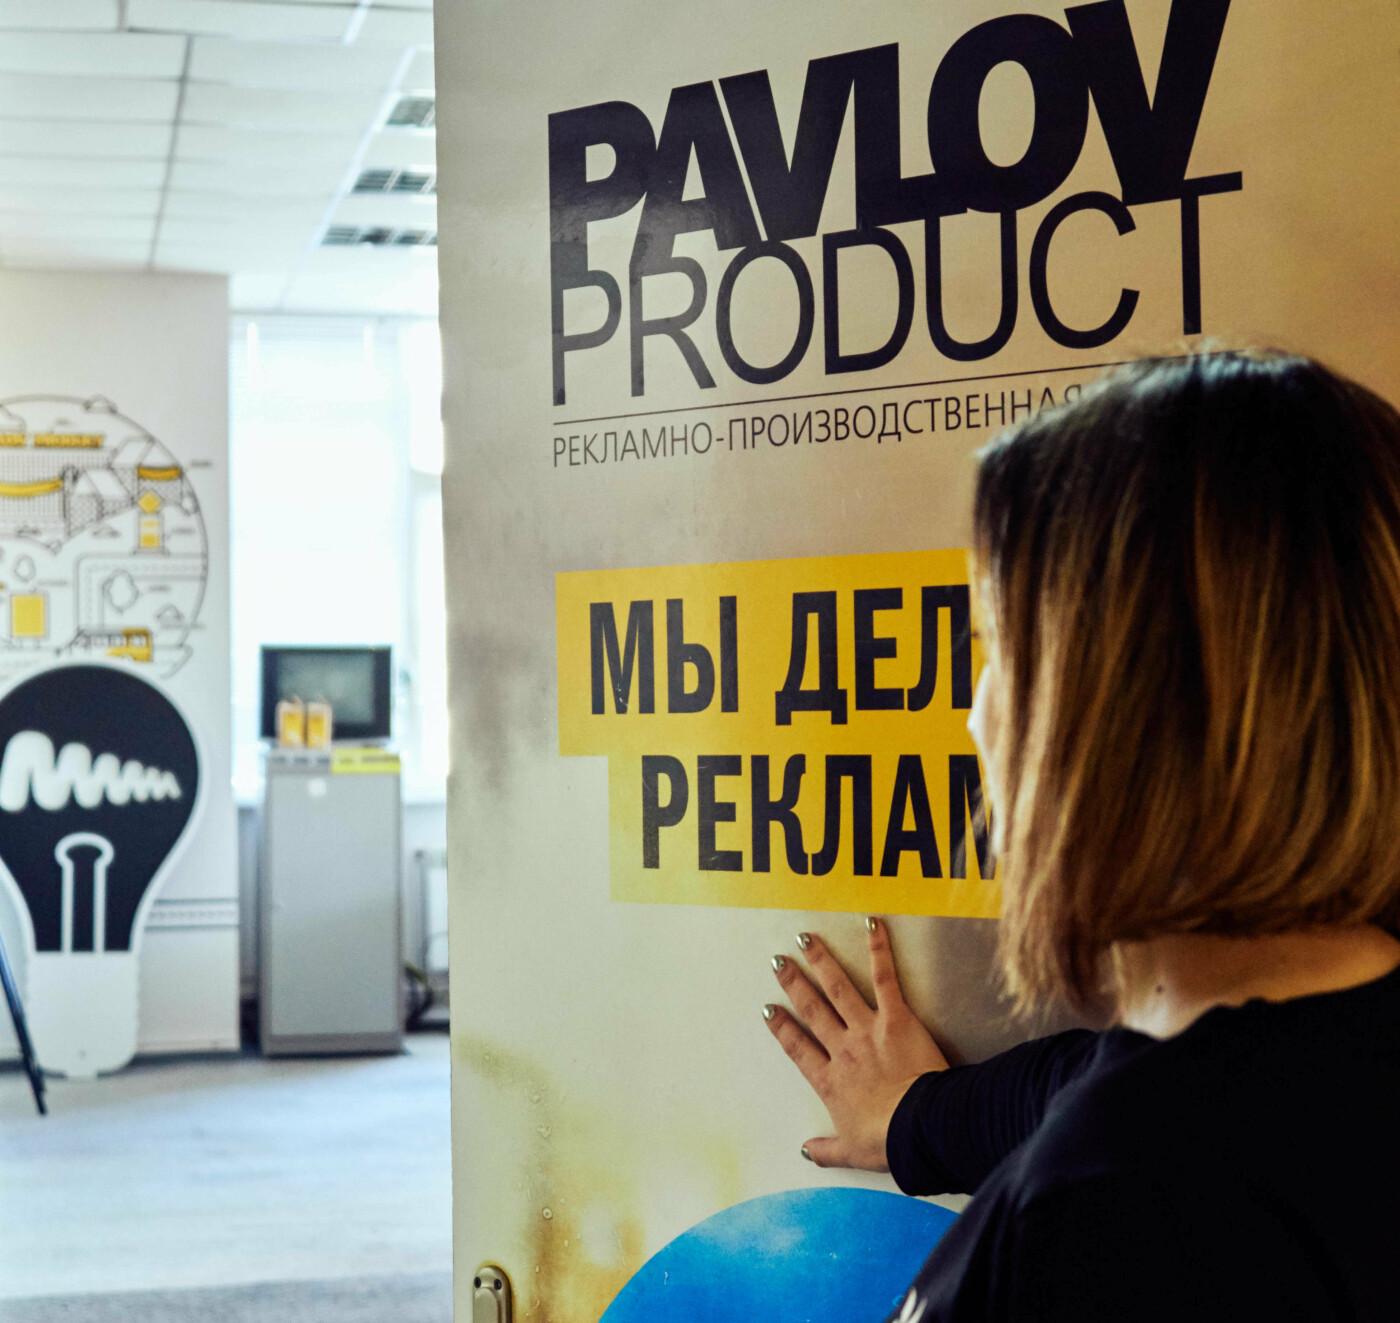 Компанія Pavlov.ua увійшла в ТОП 100 кращих digital-агентств України, фото-3